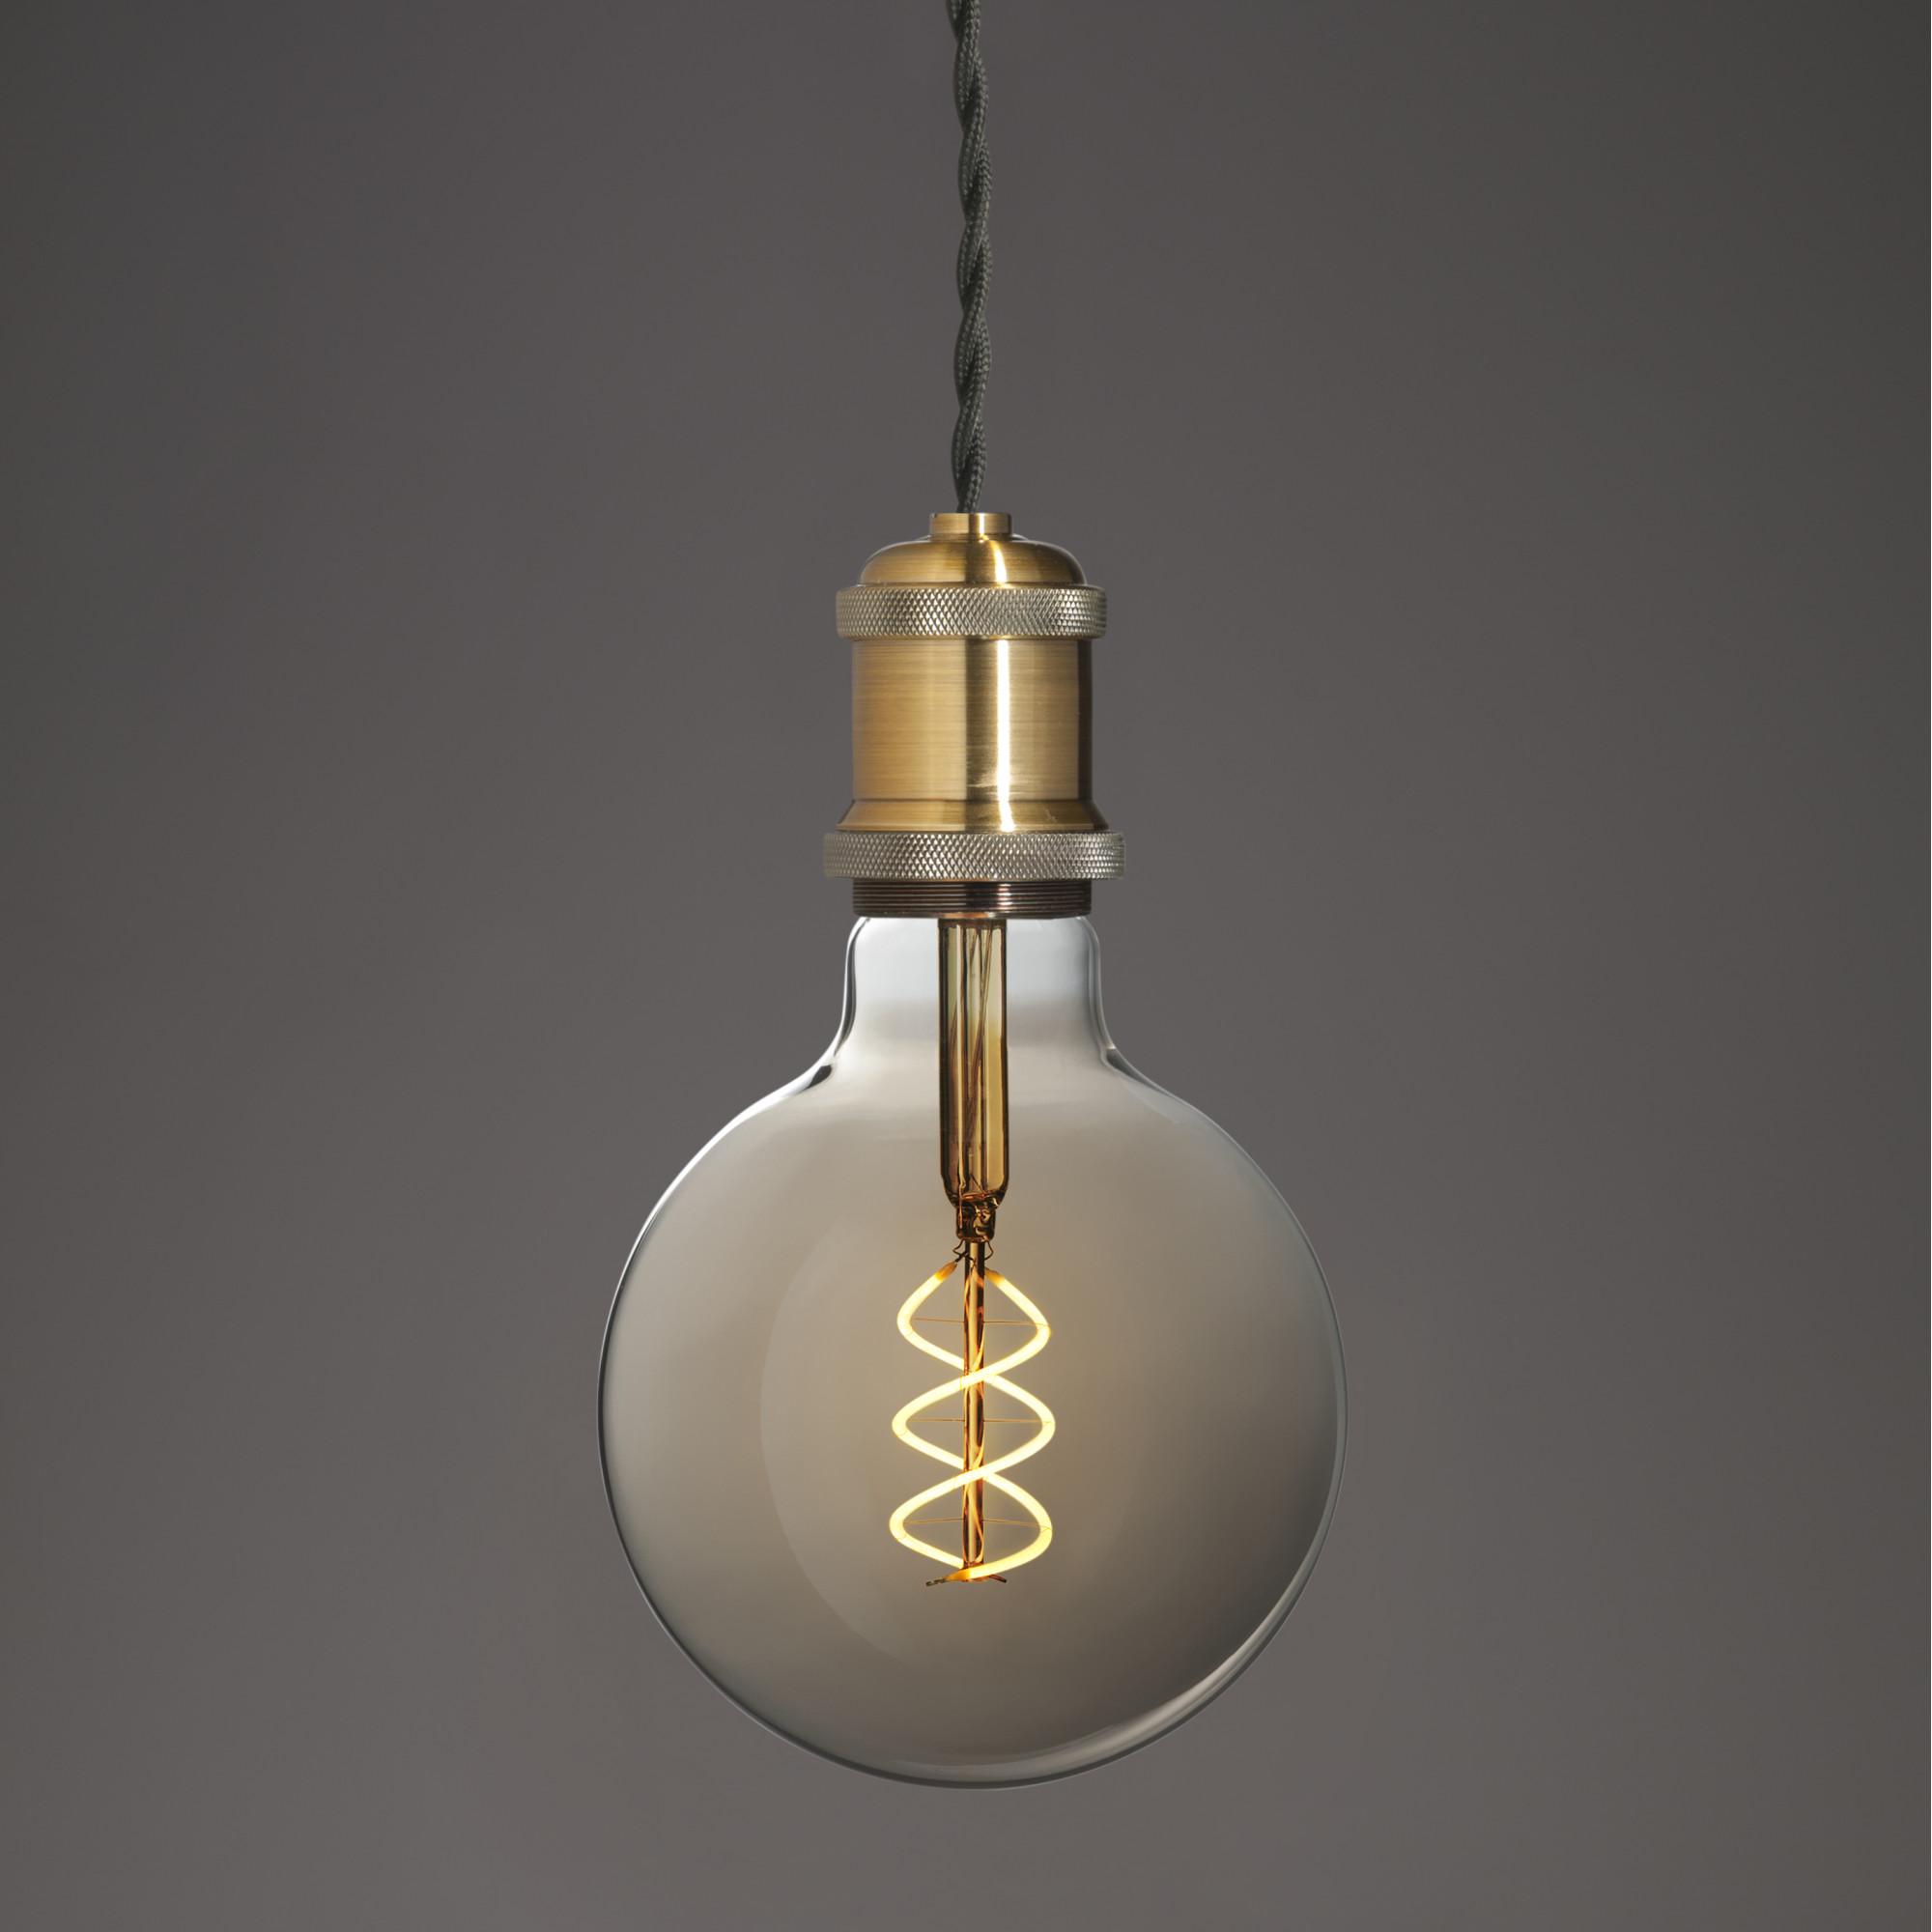 Лампа светодиодная Lexman E27 4.5 Вт регулируемый свет